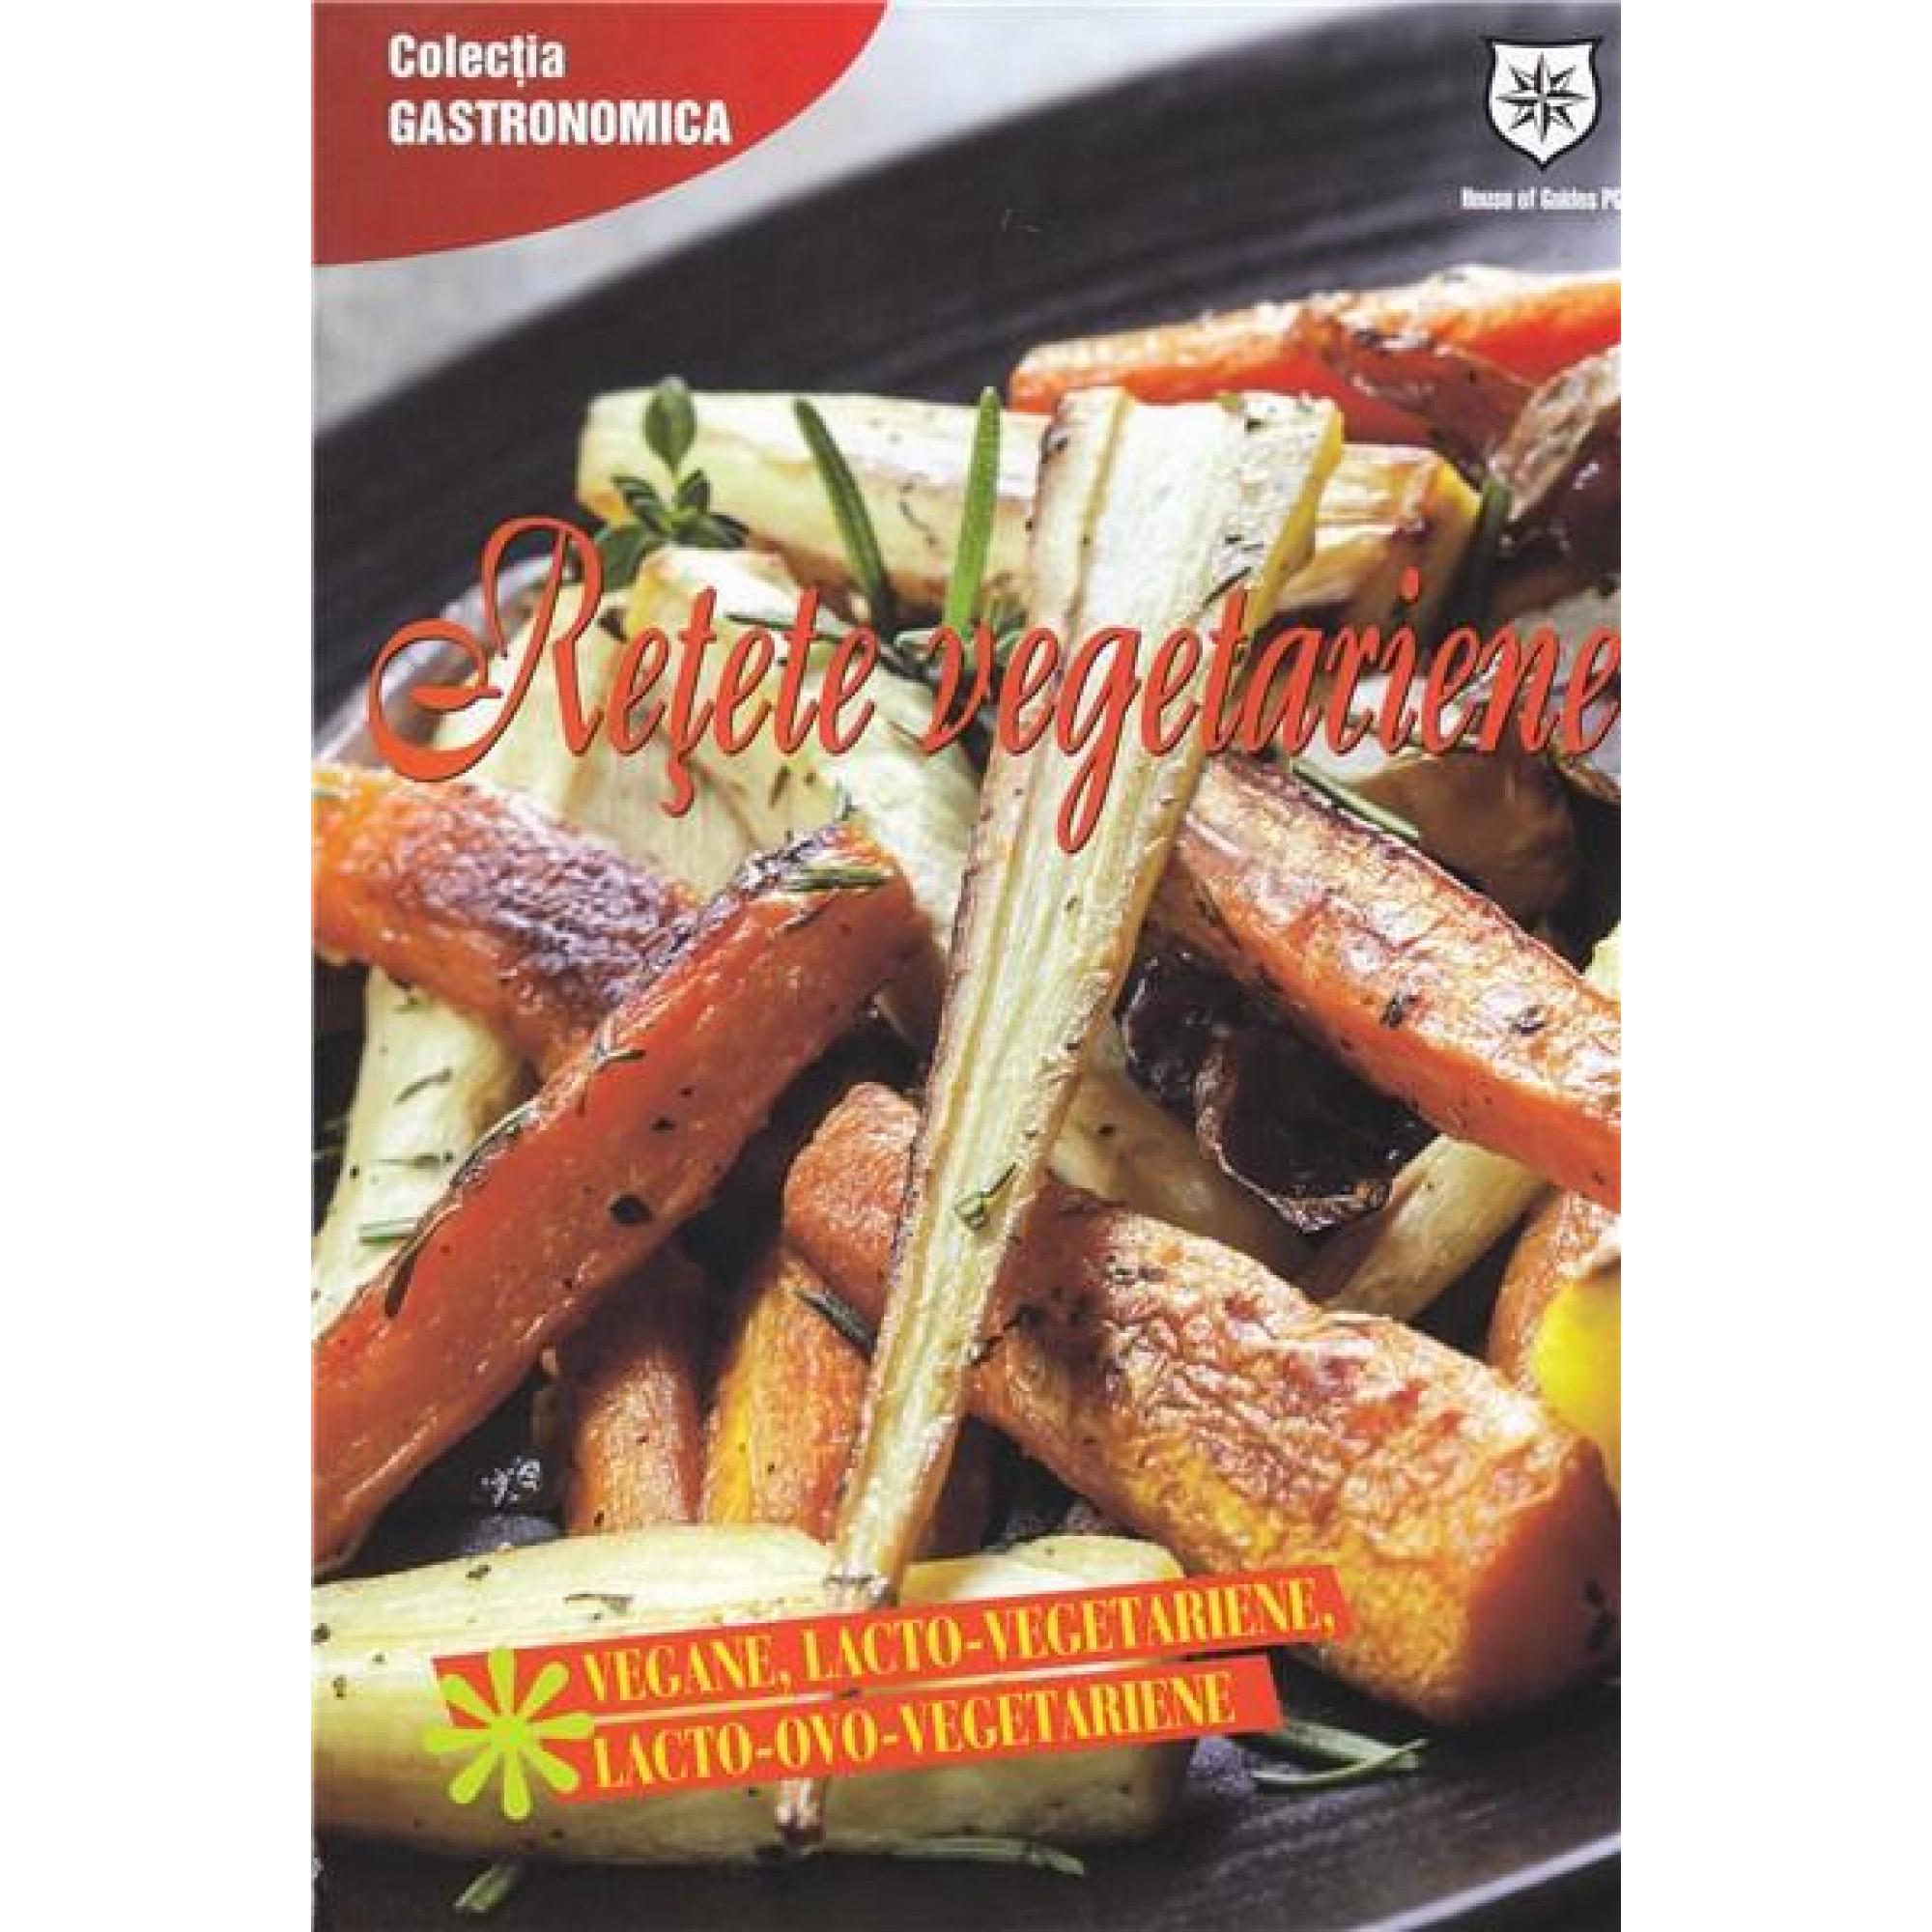 Rețete Vegetariene - Vegane, Lacto-Ovo-Vegetariene